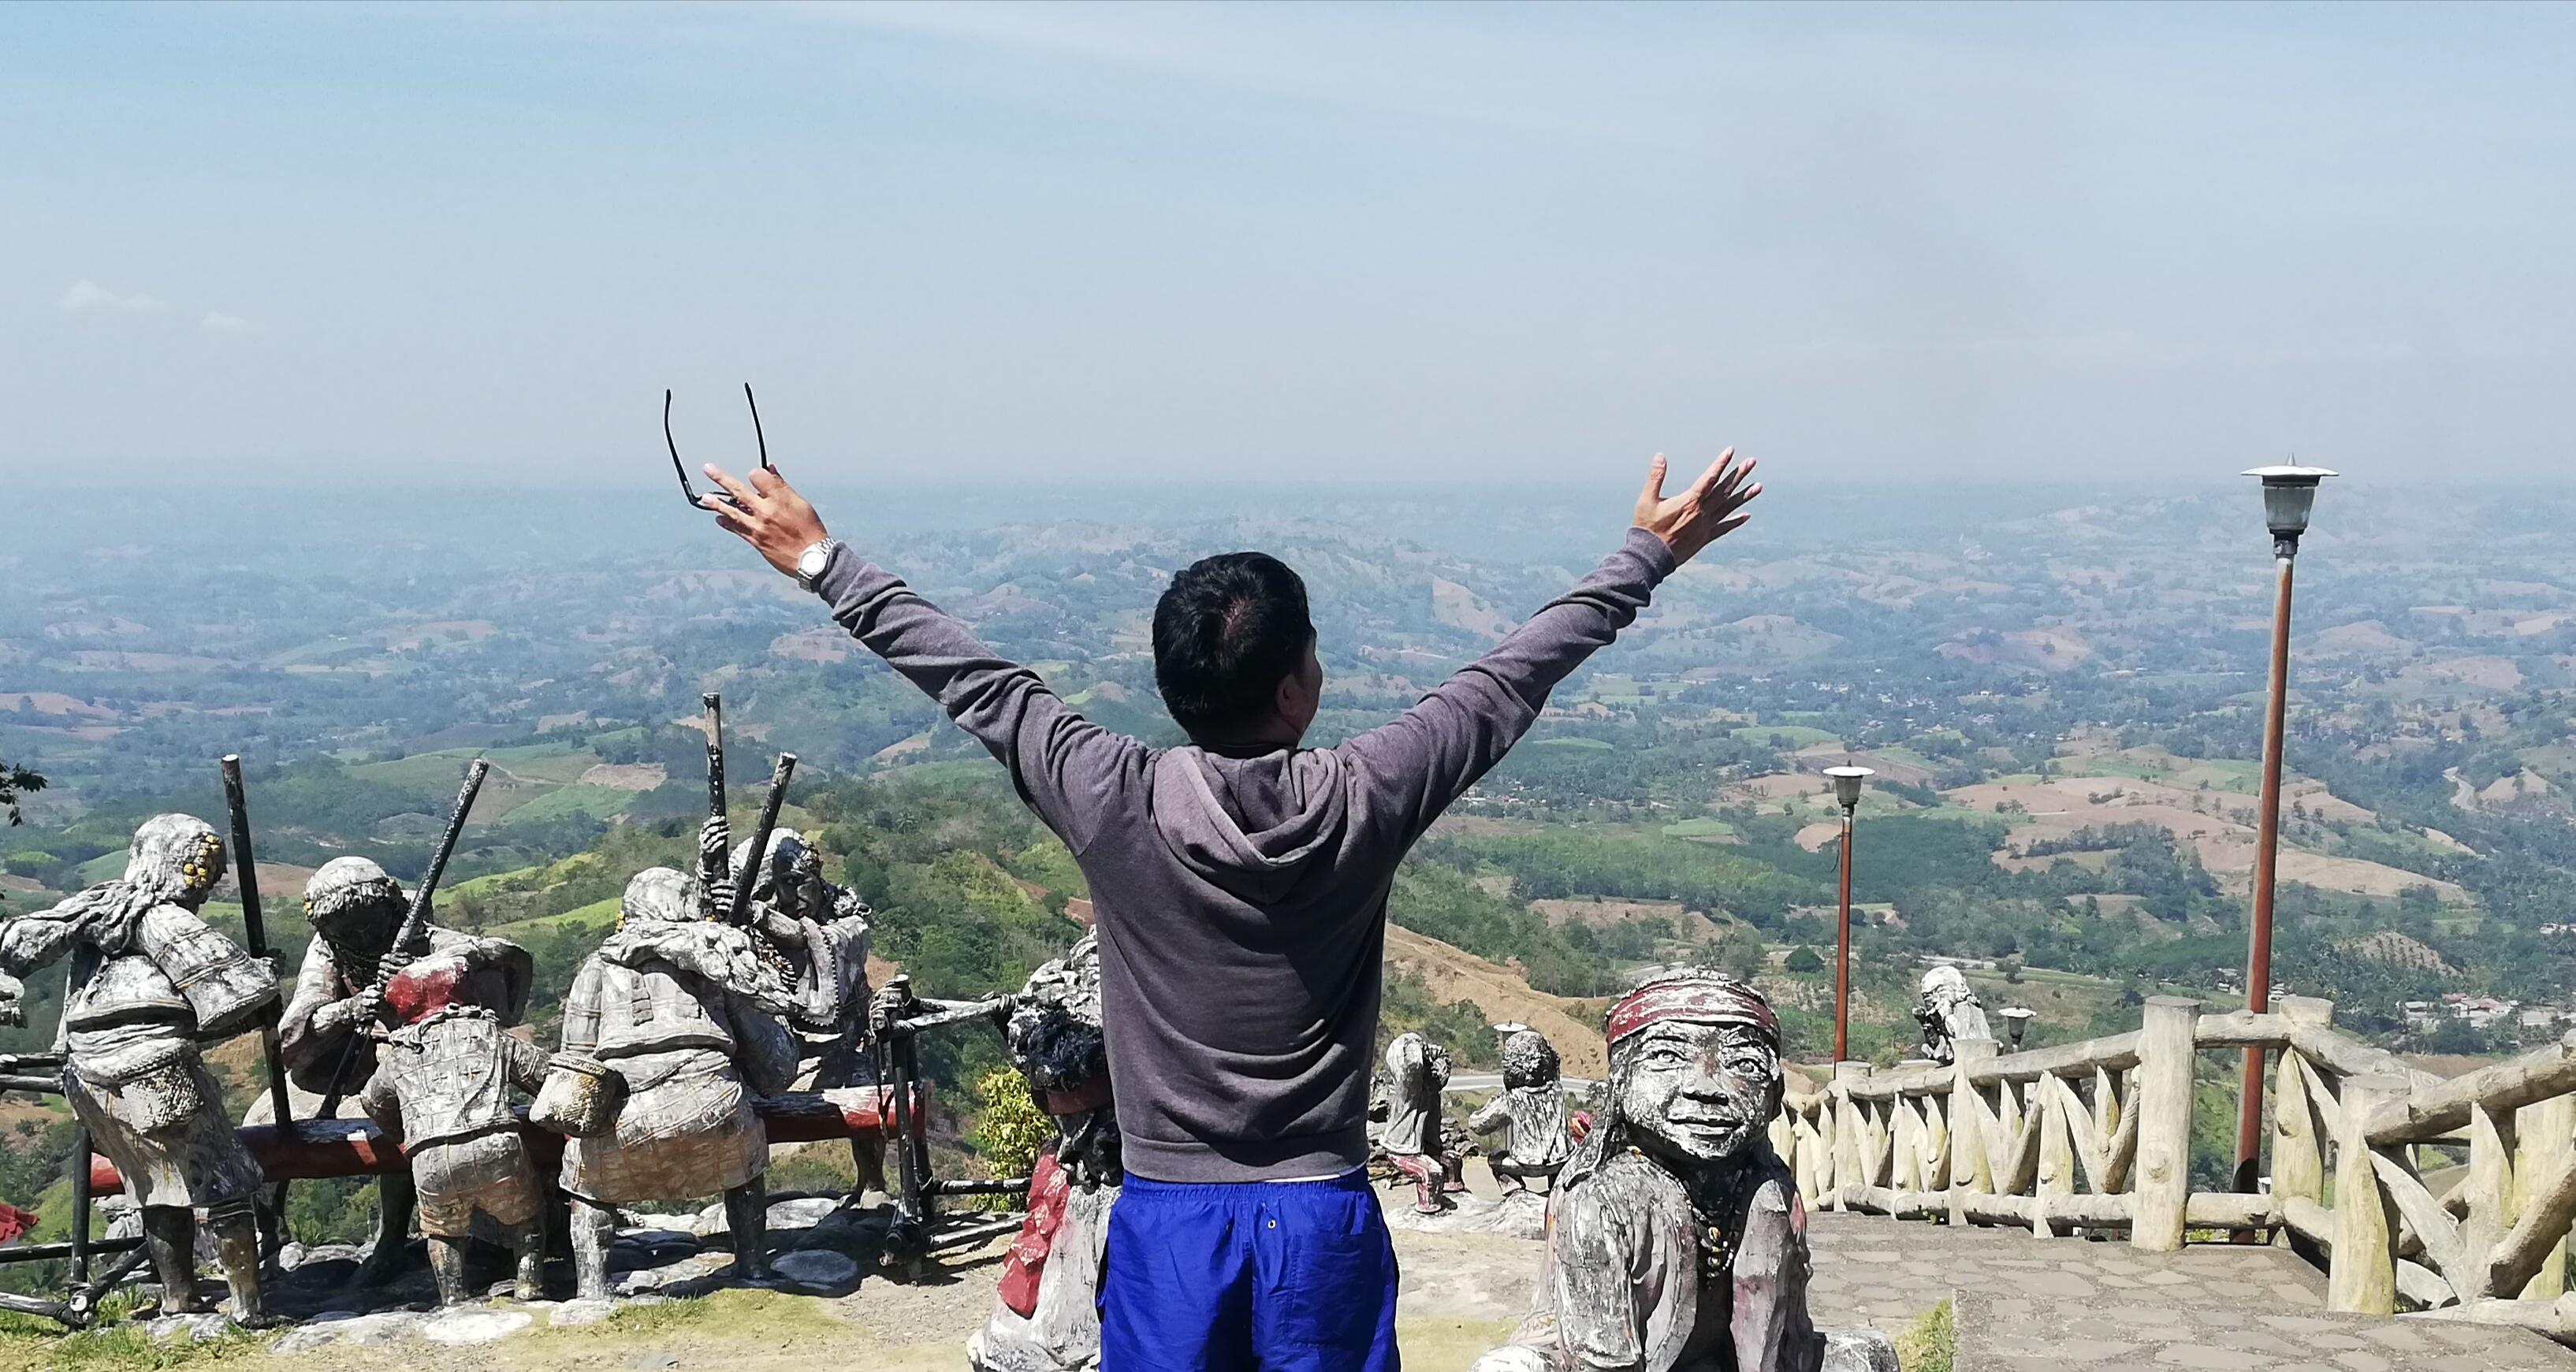 The Overview - Quezon, Bukidnon